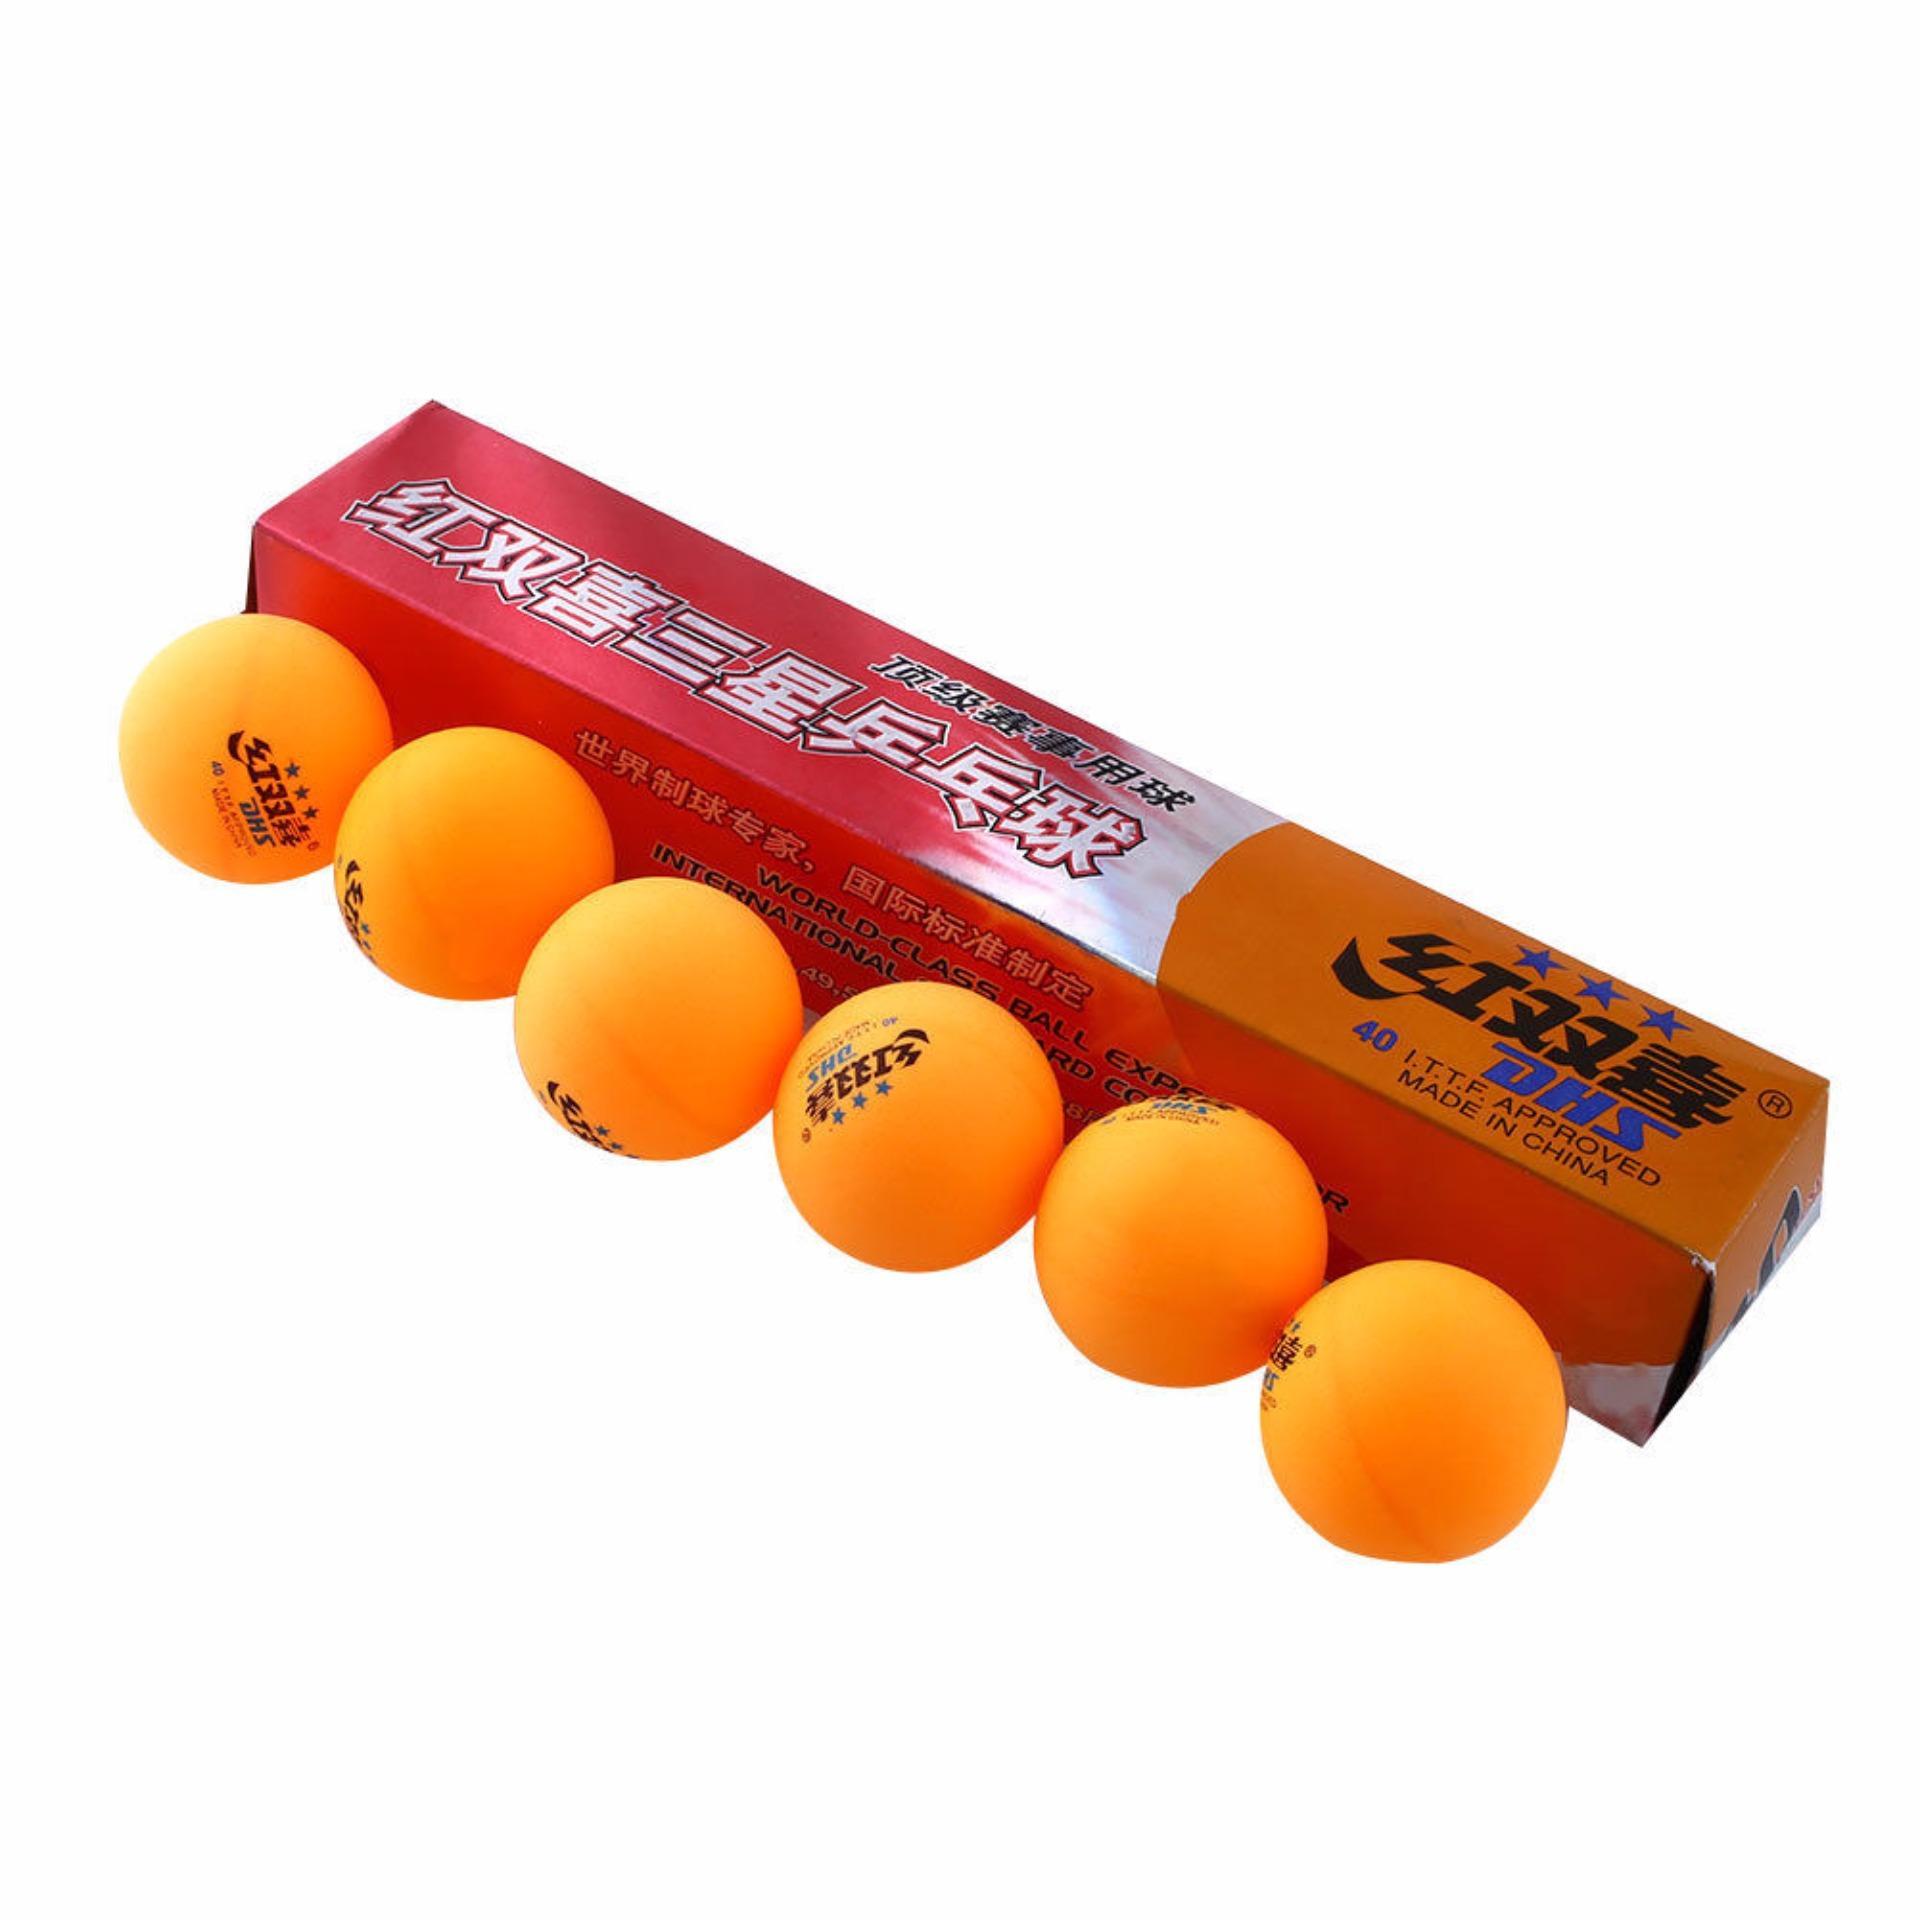 Quả bóng bàn DHS, Hộp dài 6 quả; 3 sao 40 VÀNG; chất liệu cao cấp